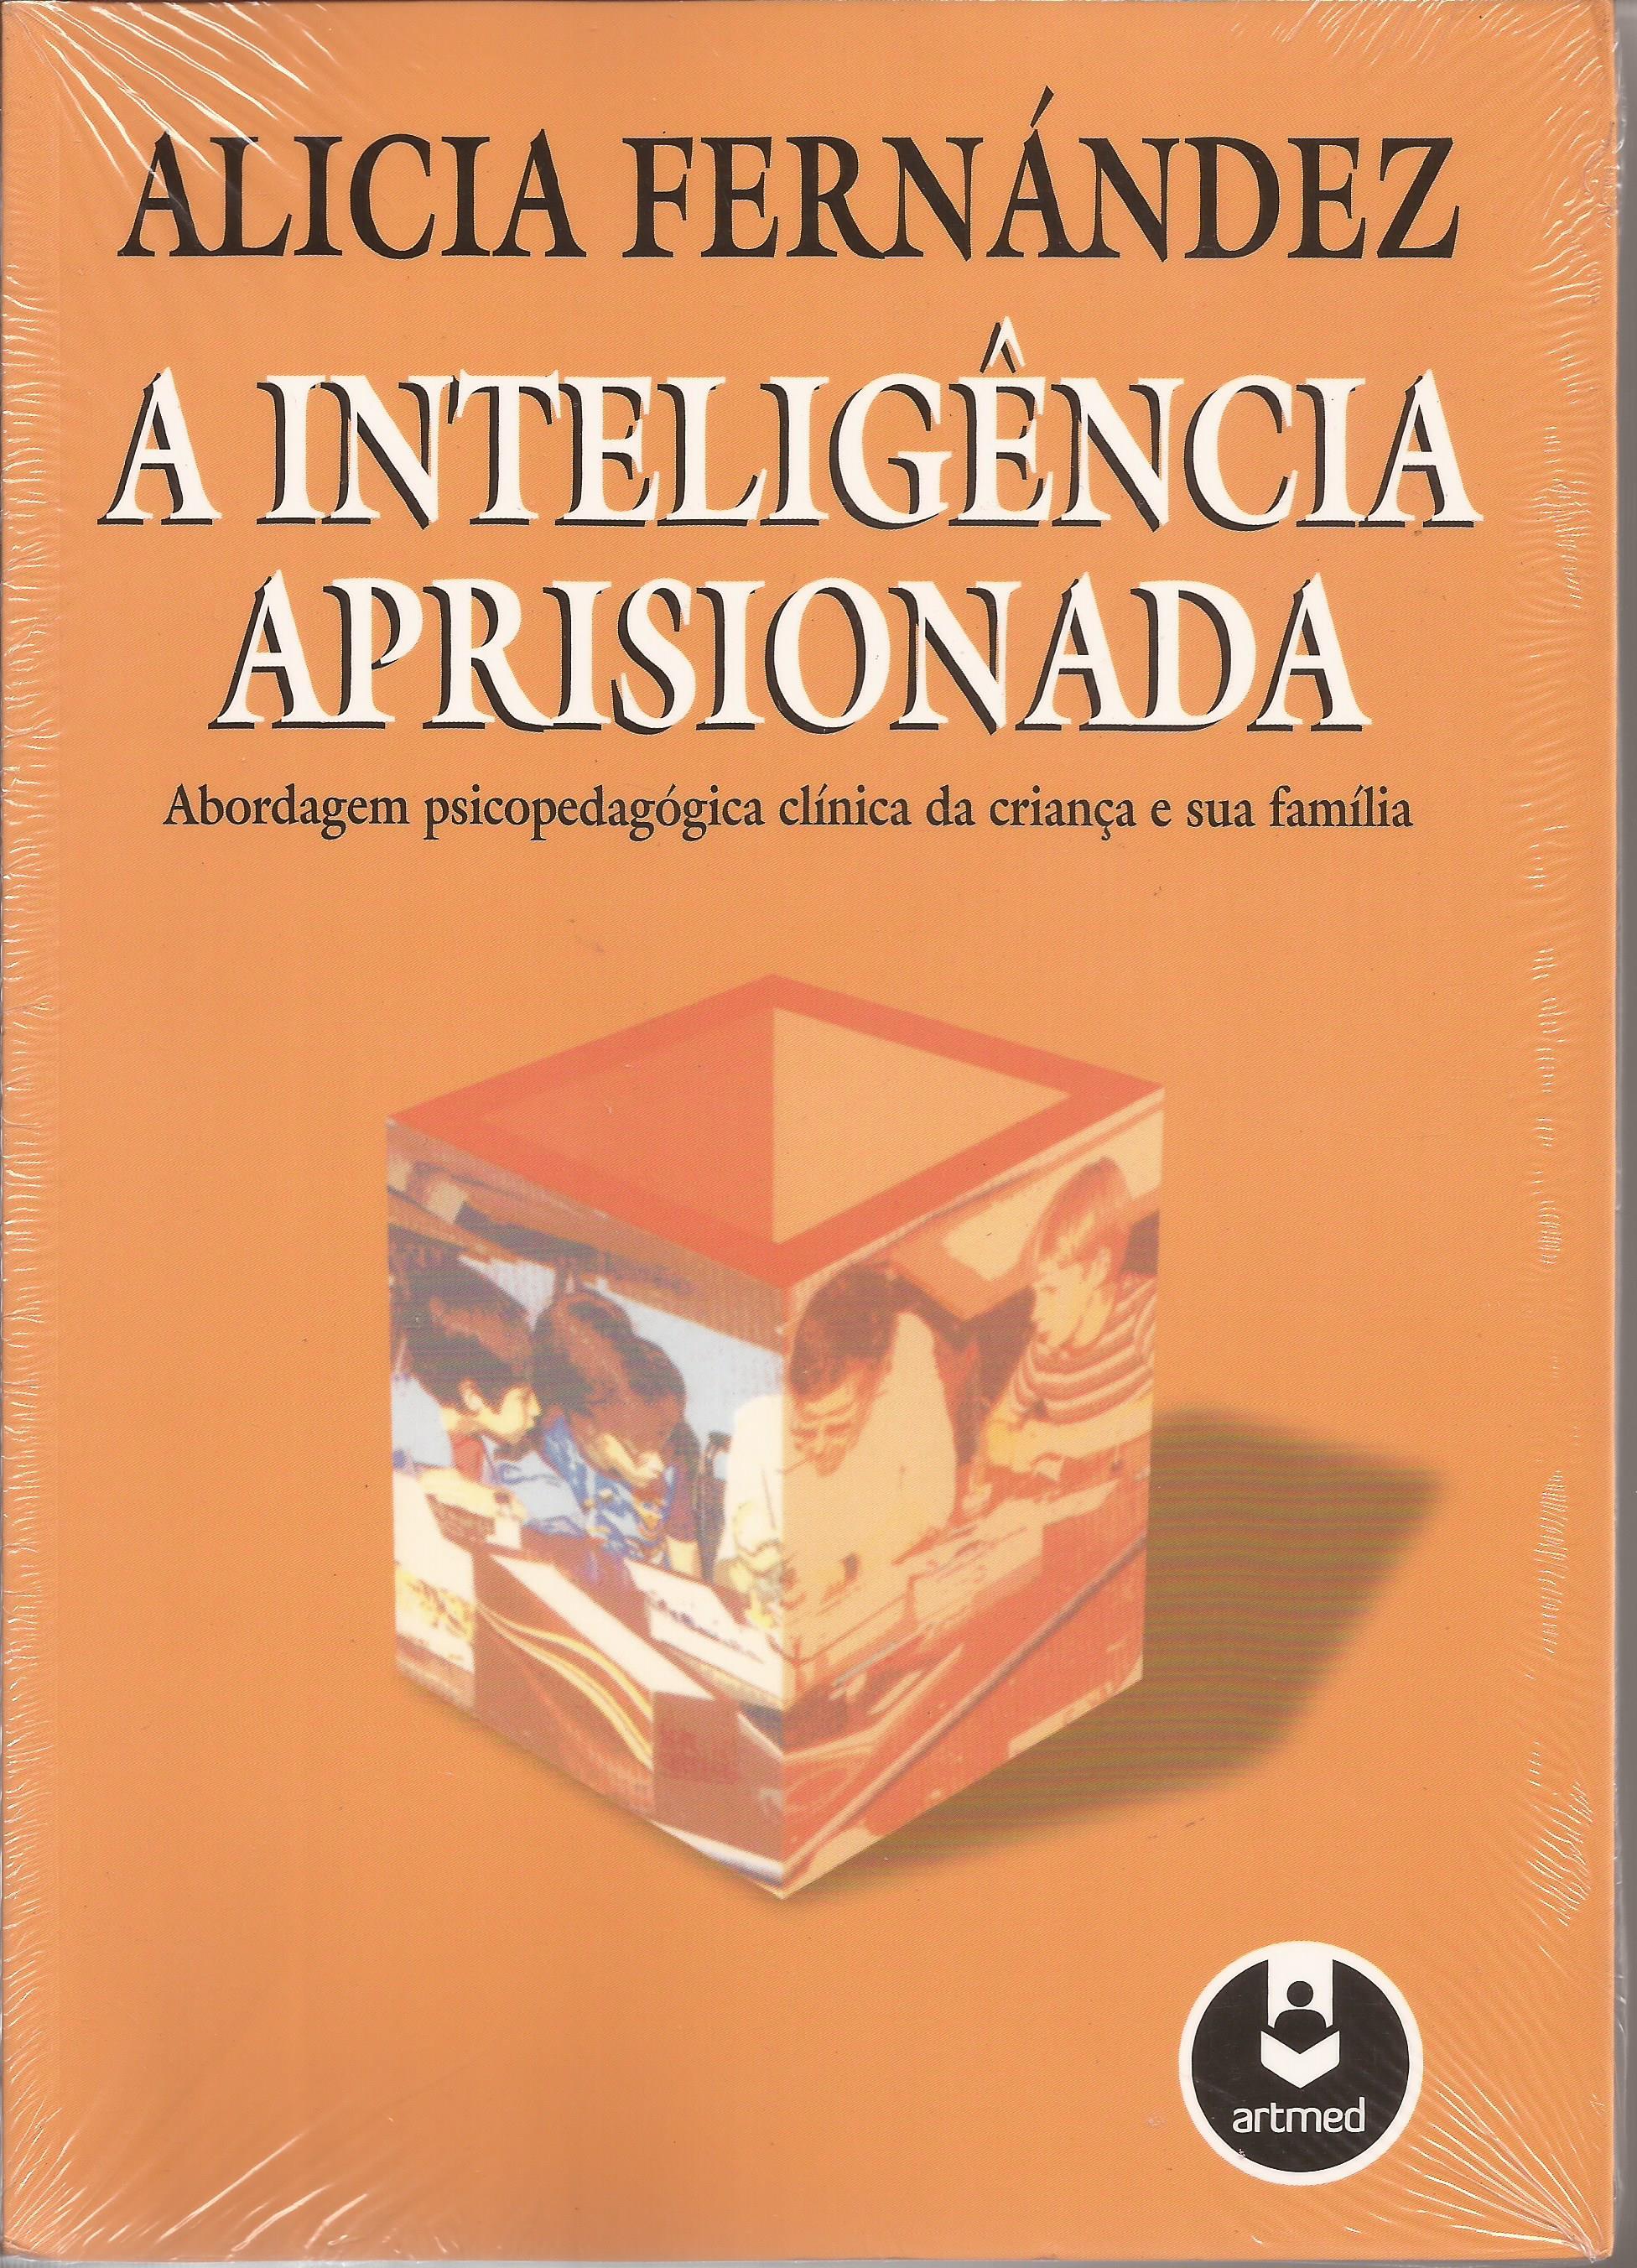 A Inteligência Aprisionada – Abordagem Psicopedagógica Clínica da Criança e sua Família